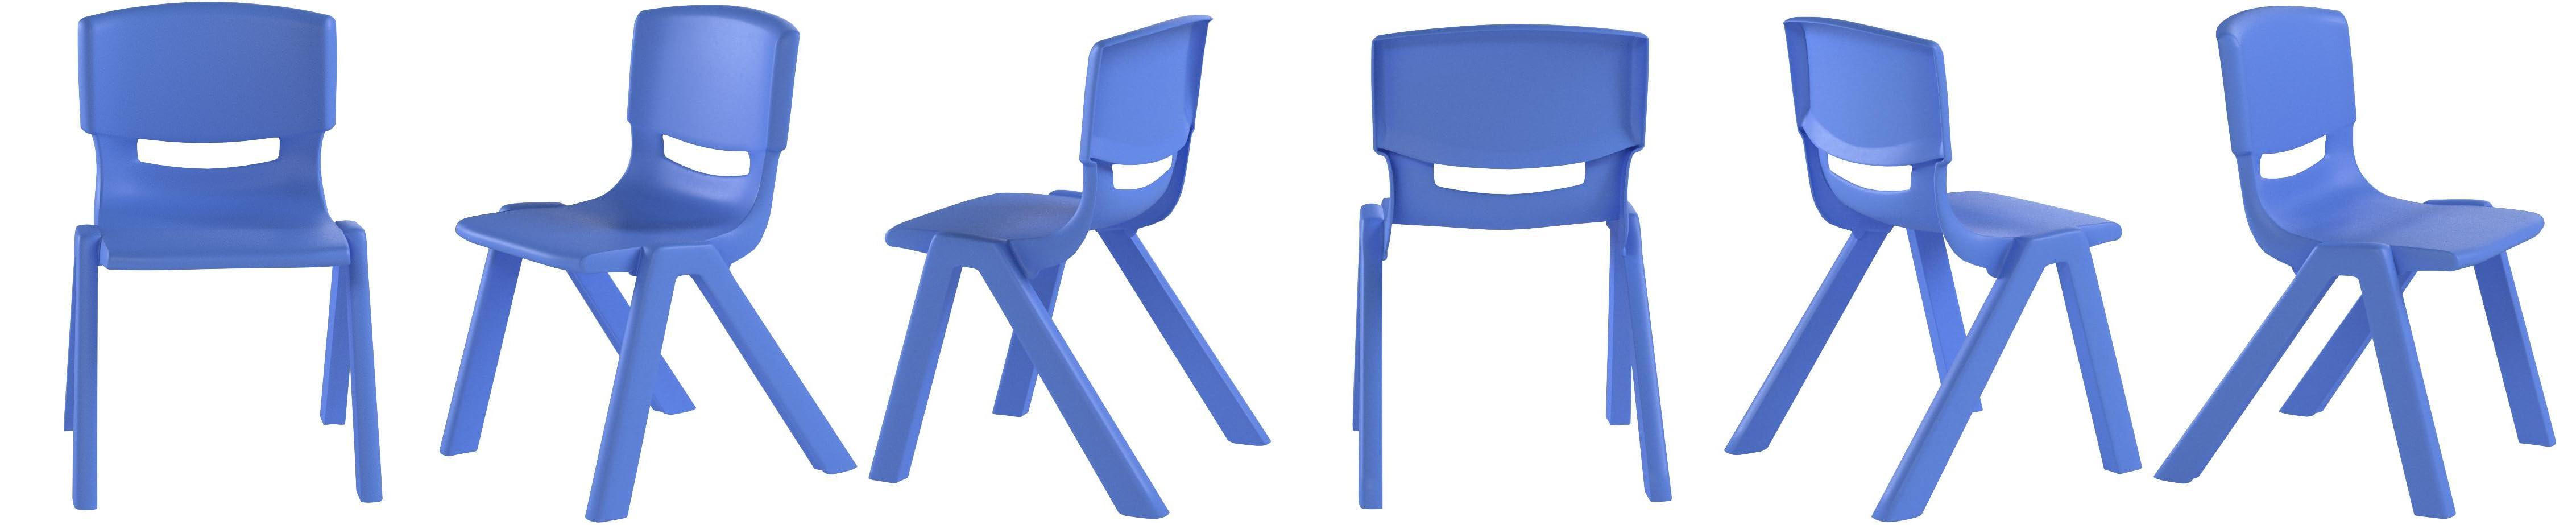 DANIEL JAMES Housewares Kids Plastic Chairs Stackable Nursery Coloured Party Play Garden Indoor Outdoor Blue, 1